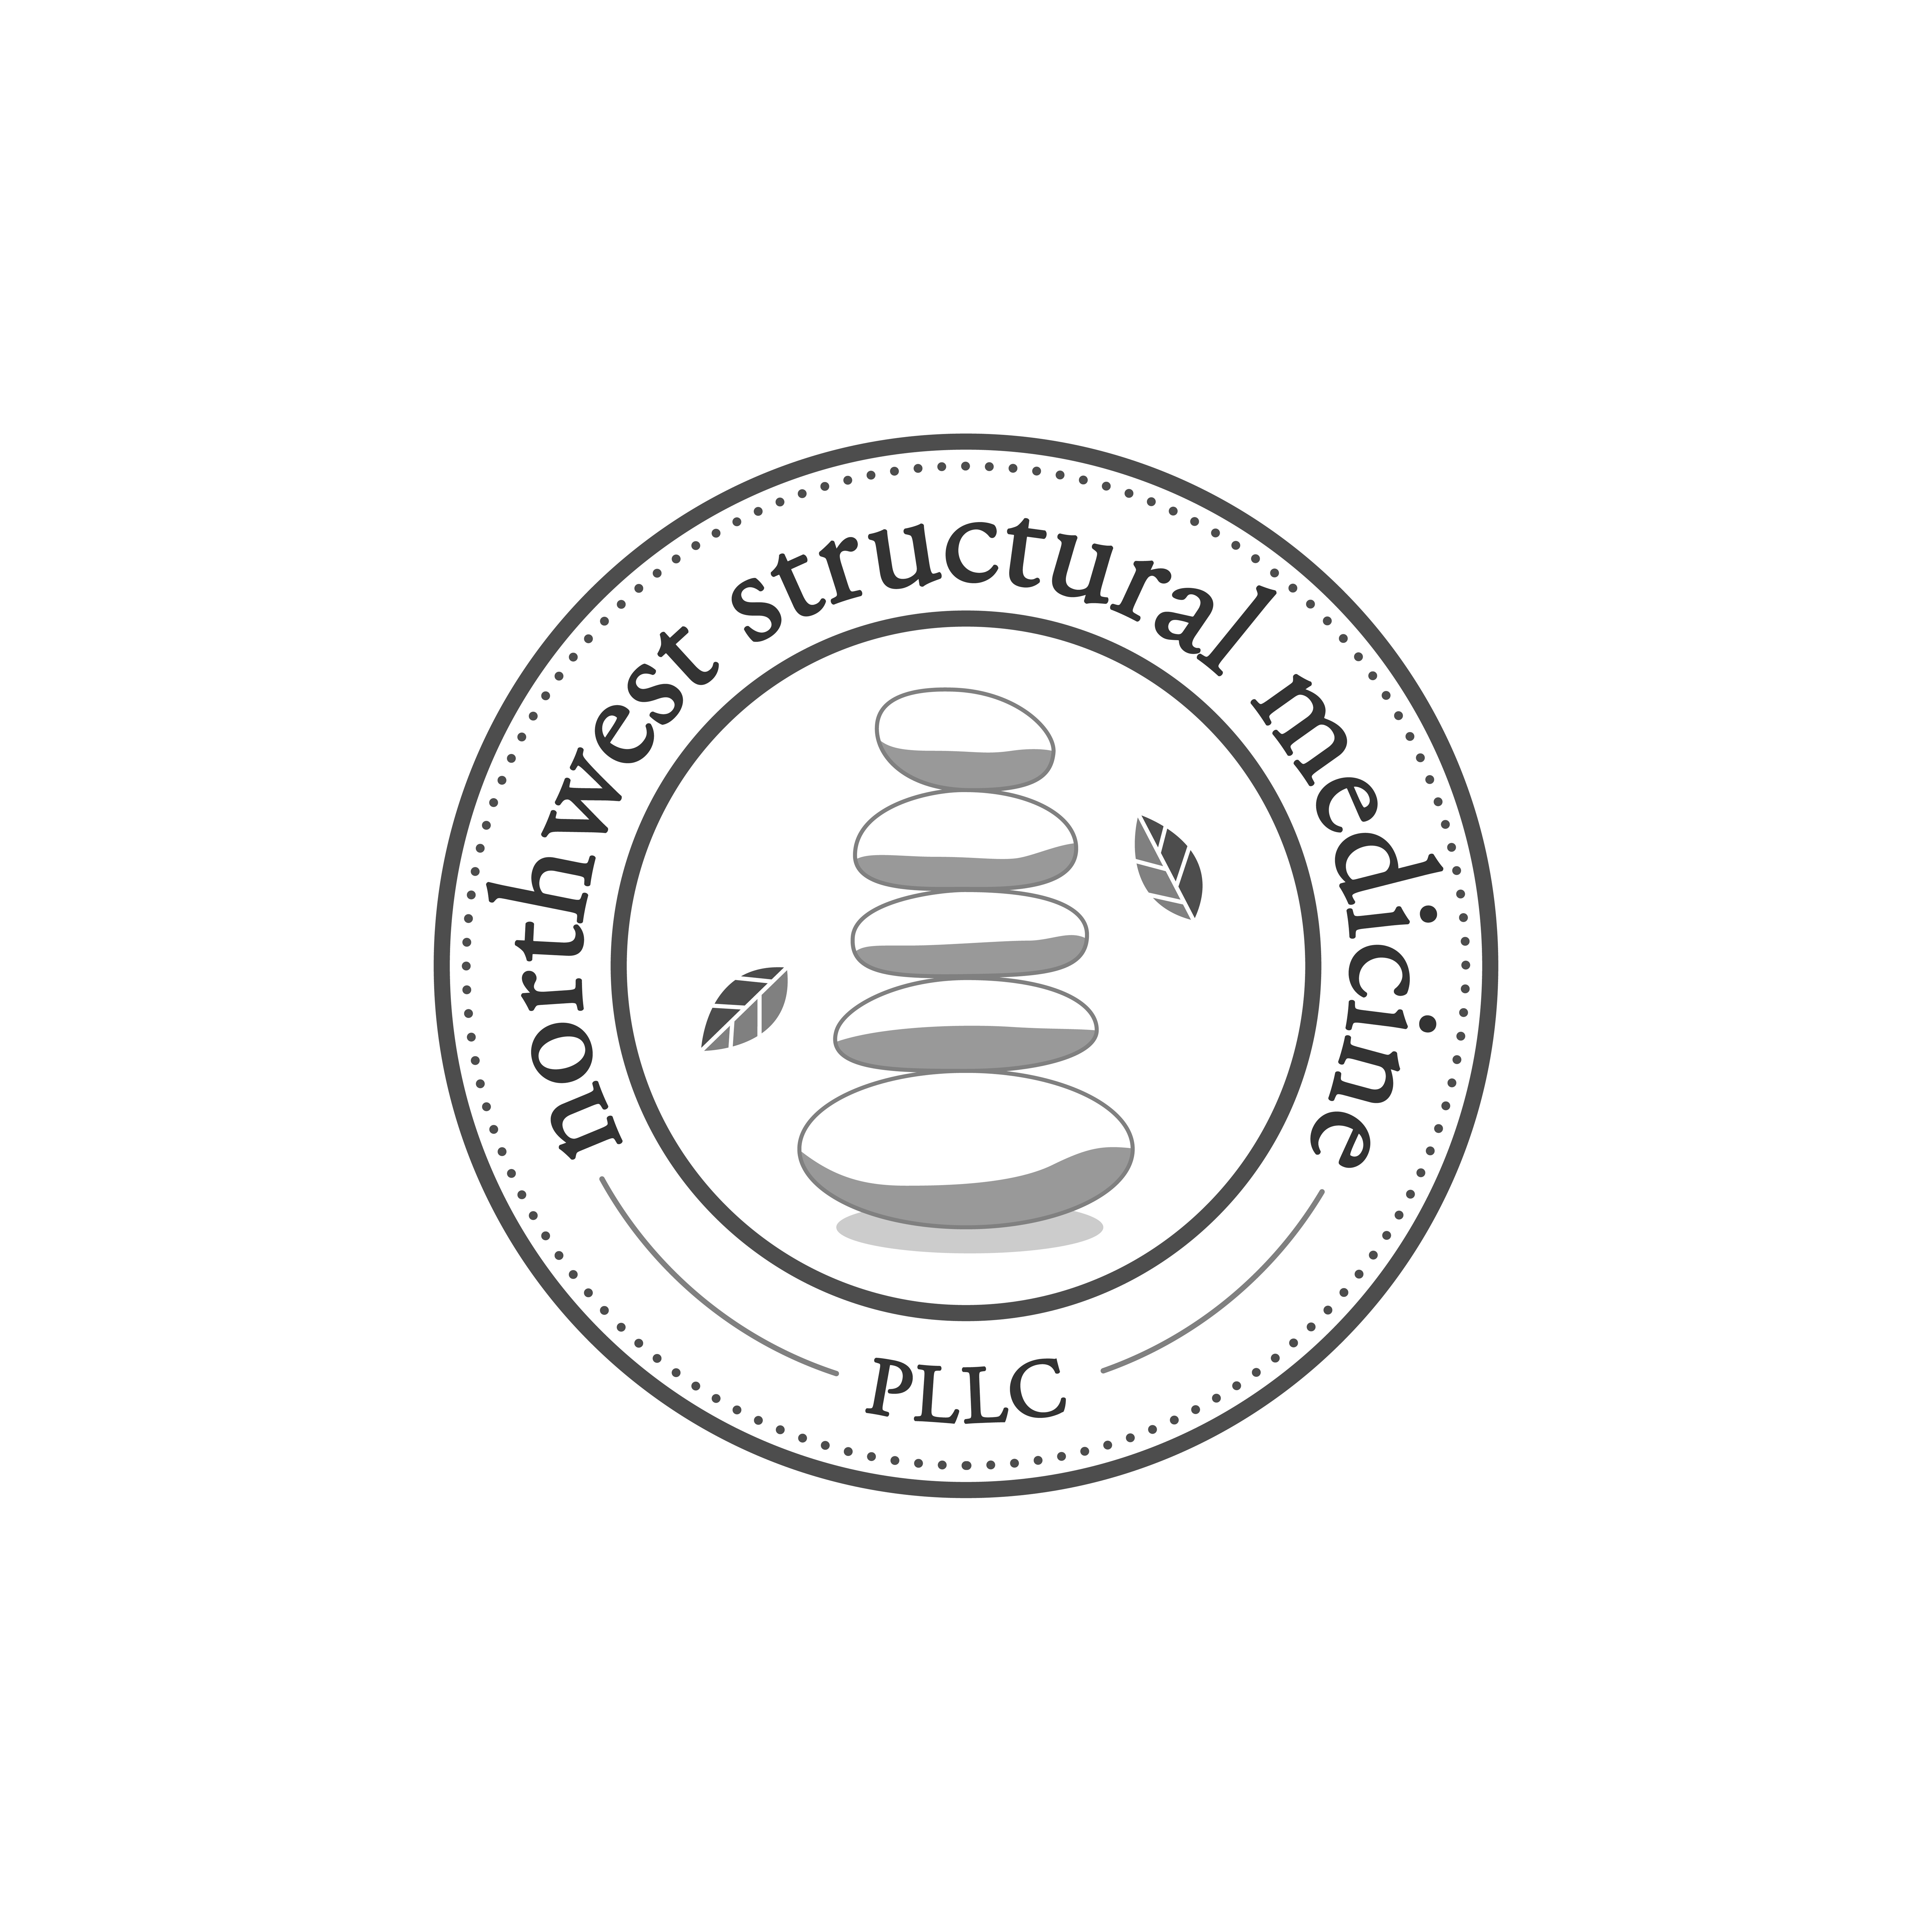 Northwest Structural Medicine, PLLC